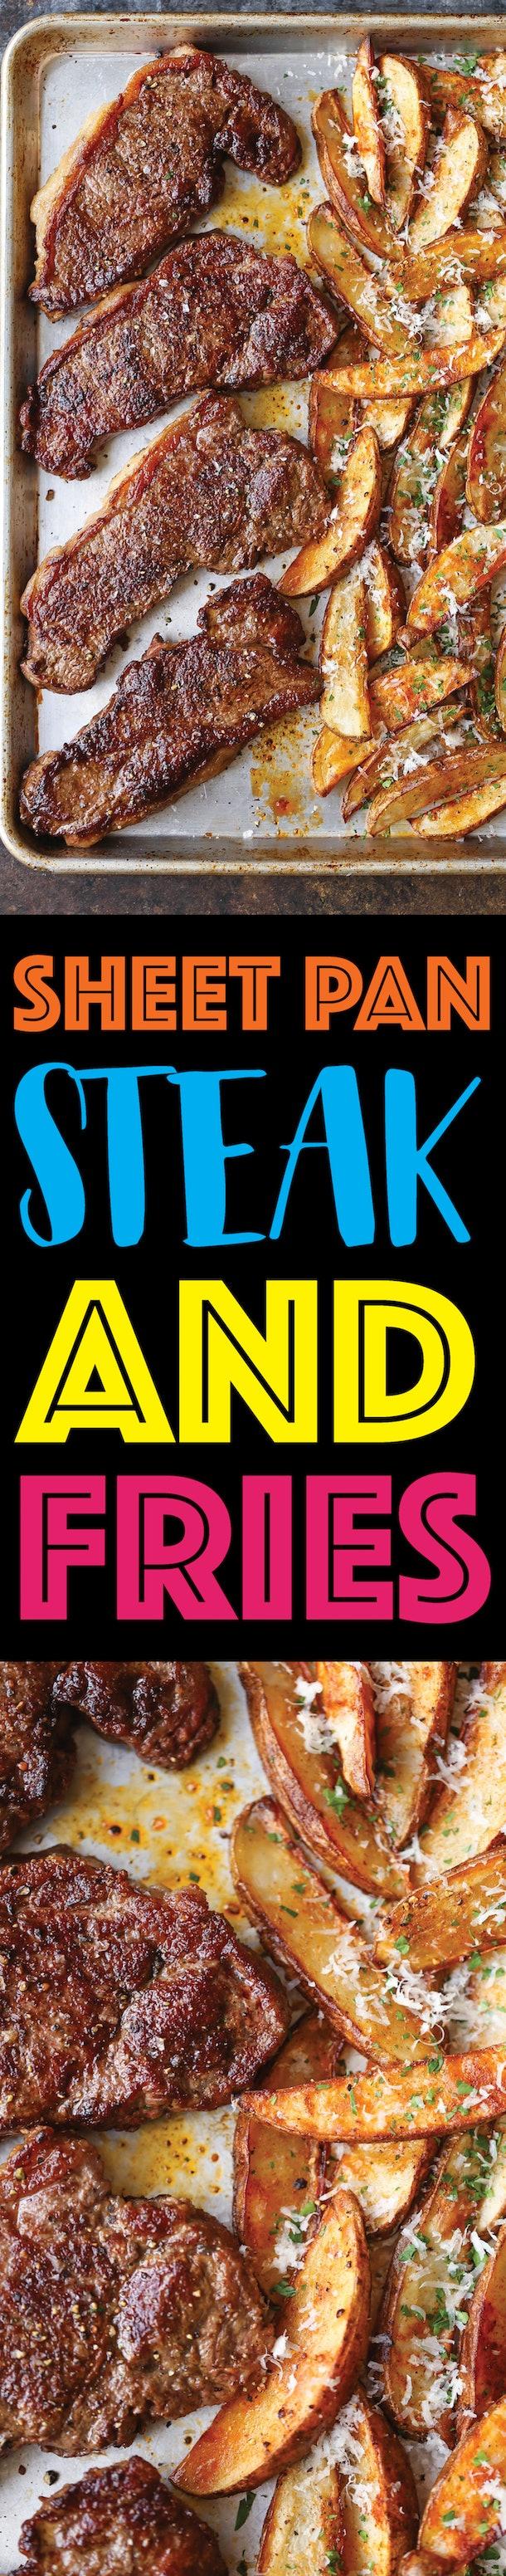 sheet pan recipes with steak, sheet pan steak and fries